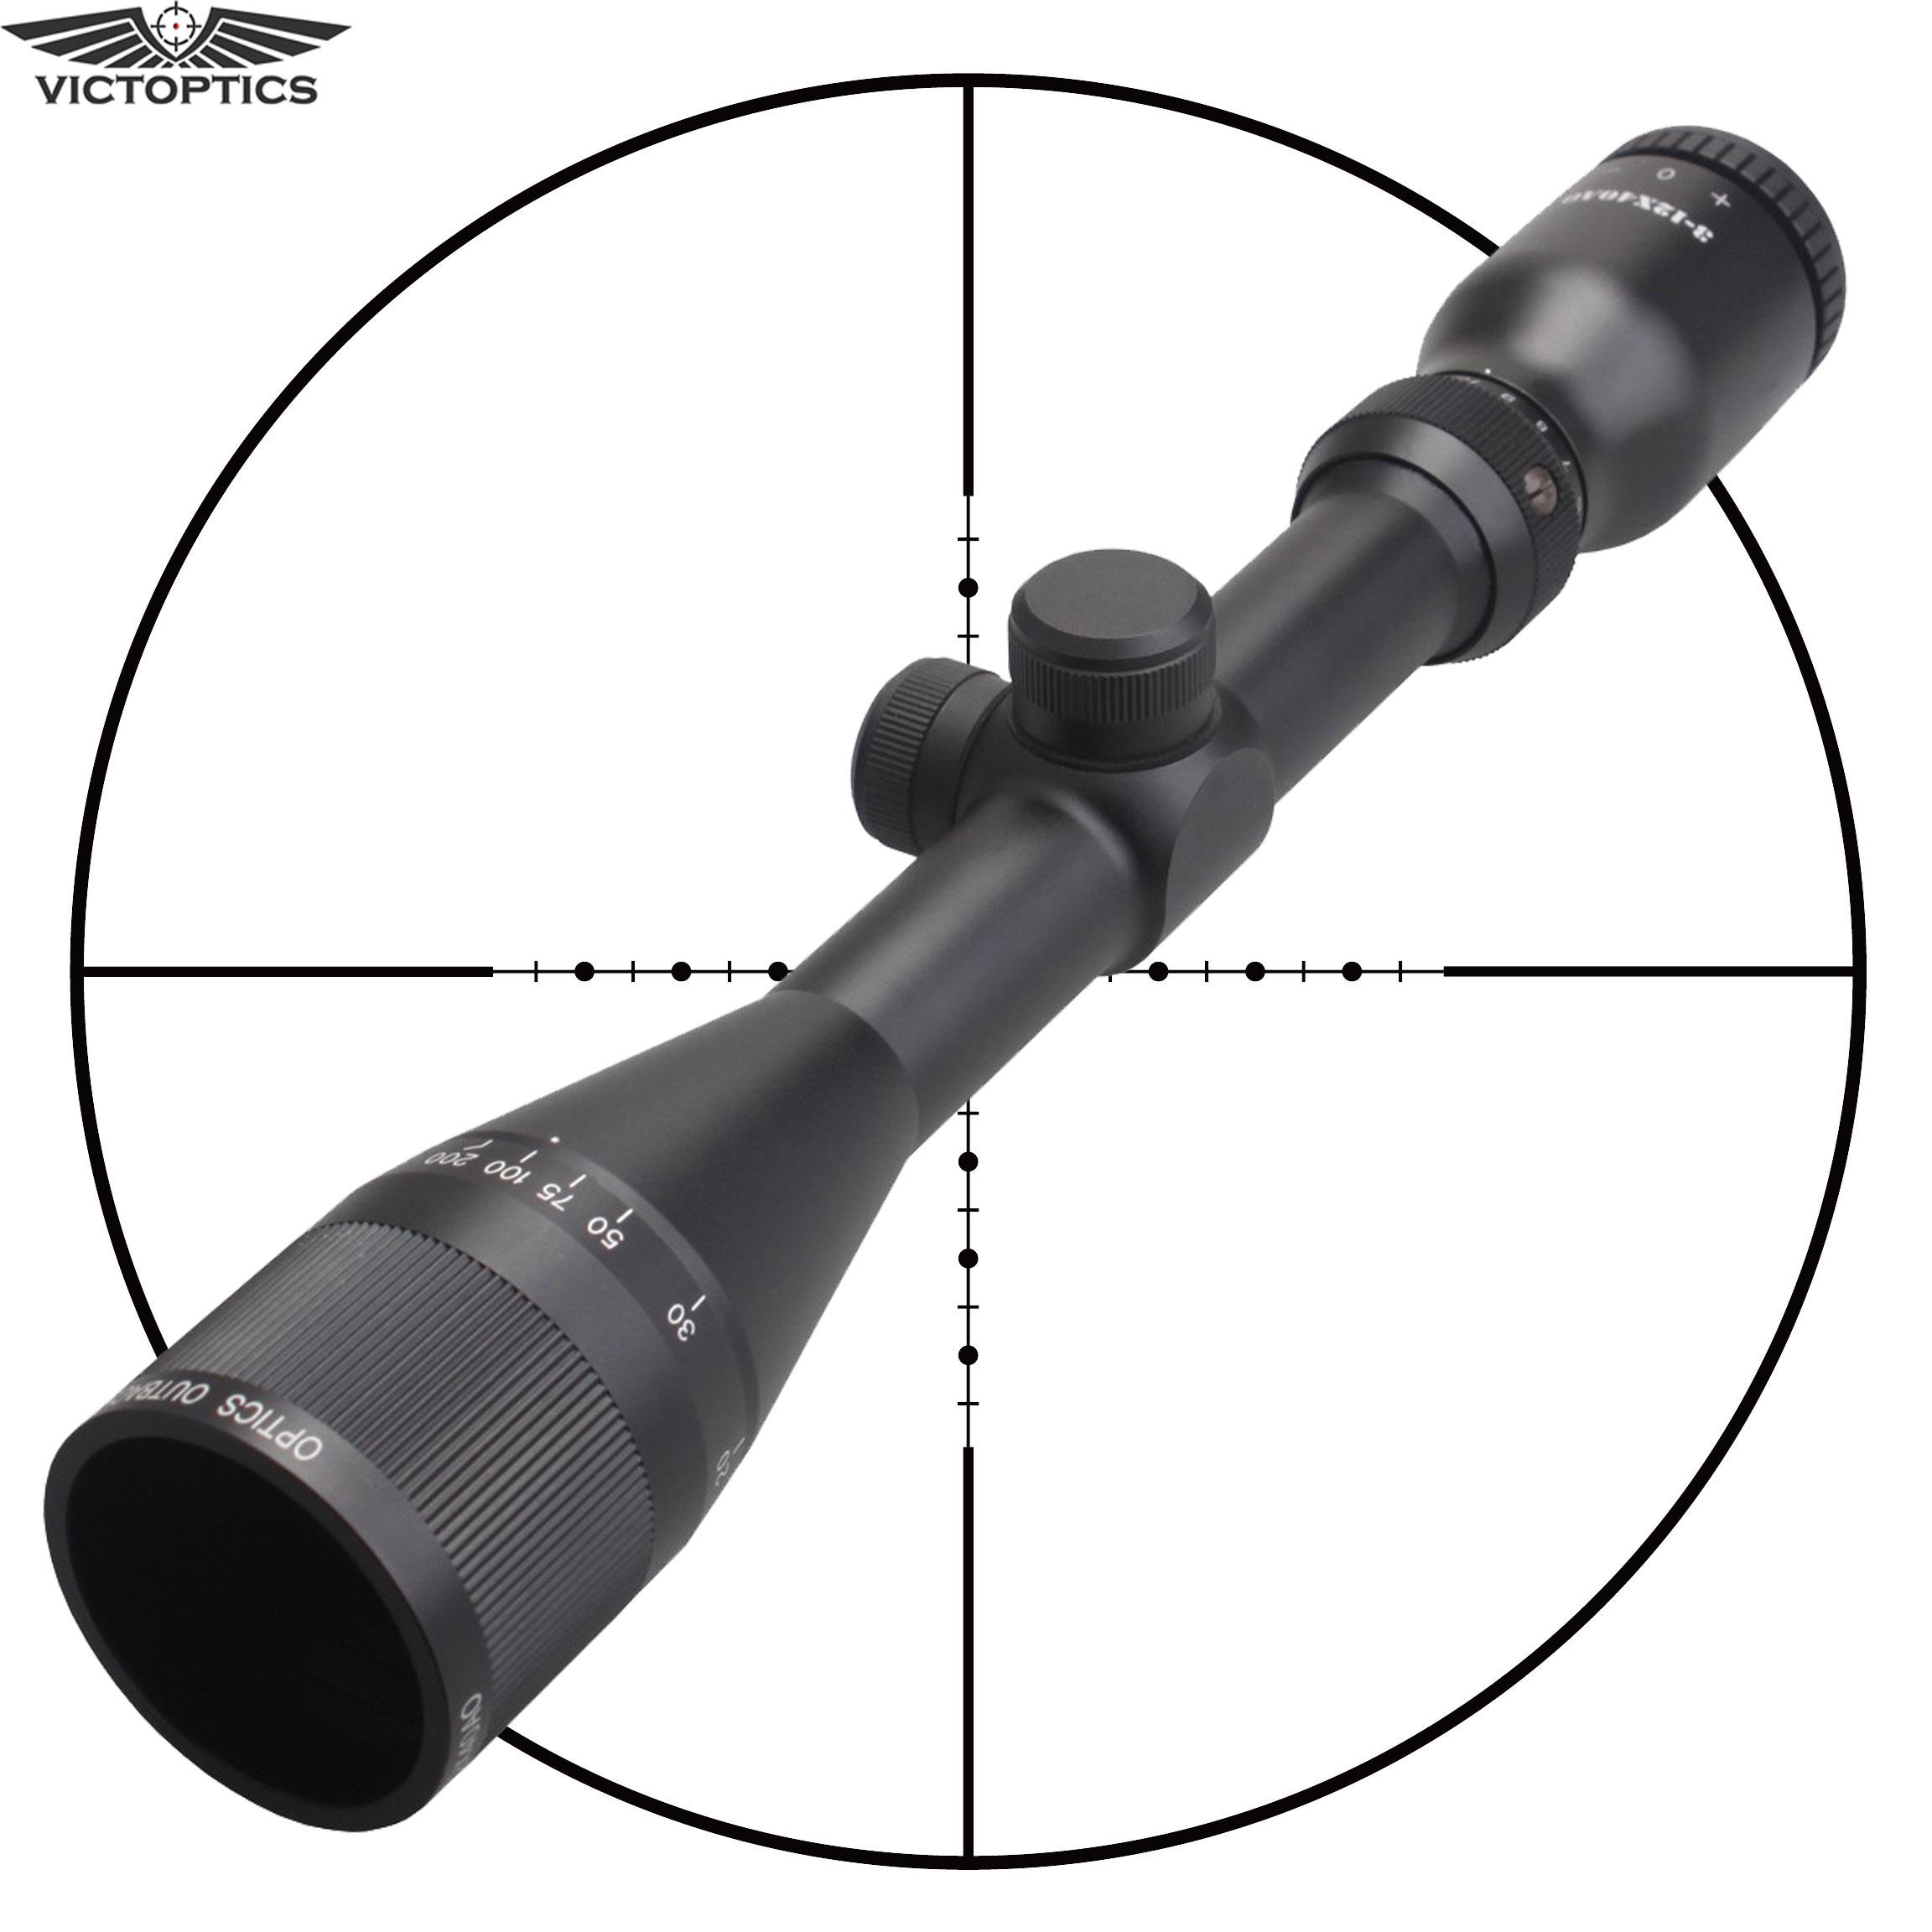 3-12x40 Mil-Dot Rifle Scope Airgun Air Gun Hunting